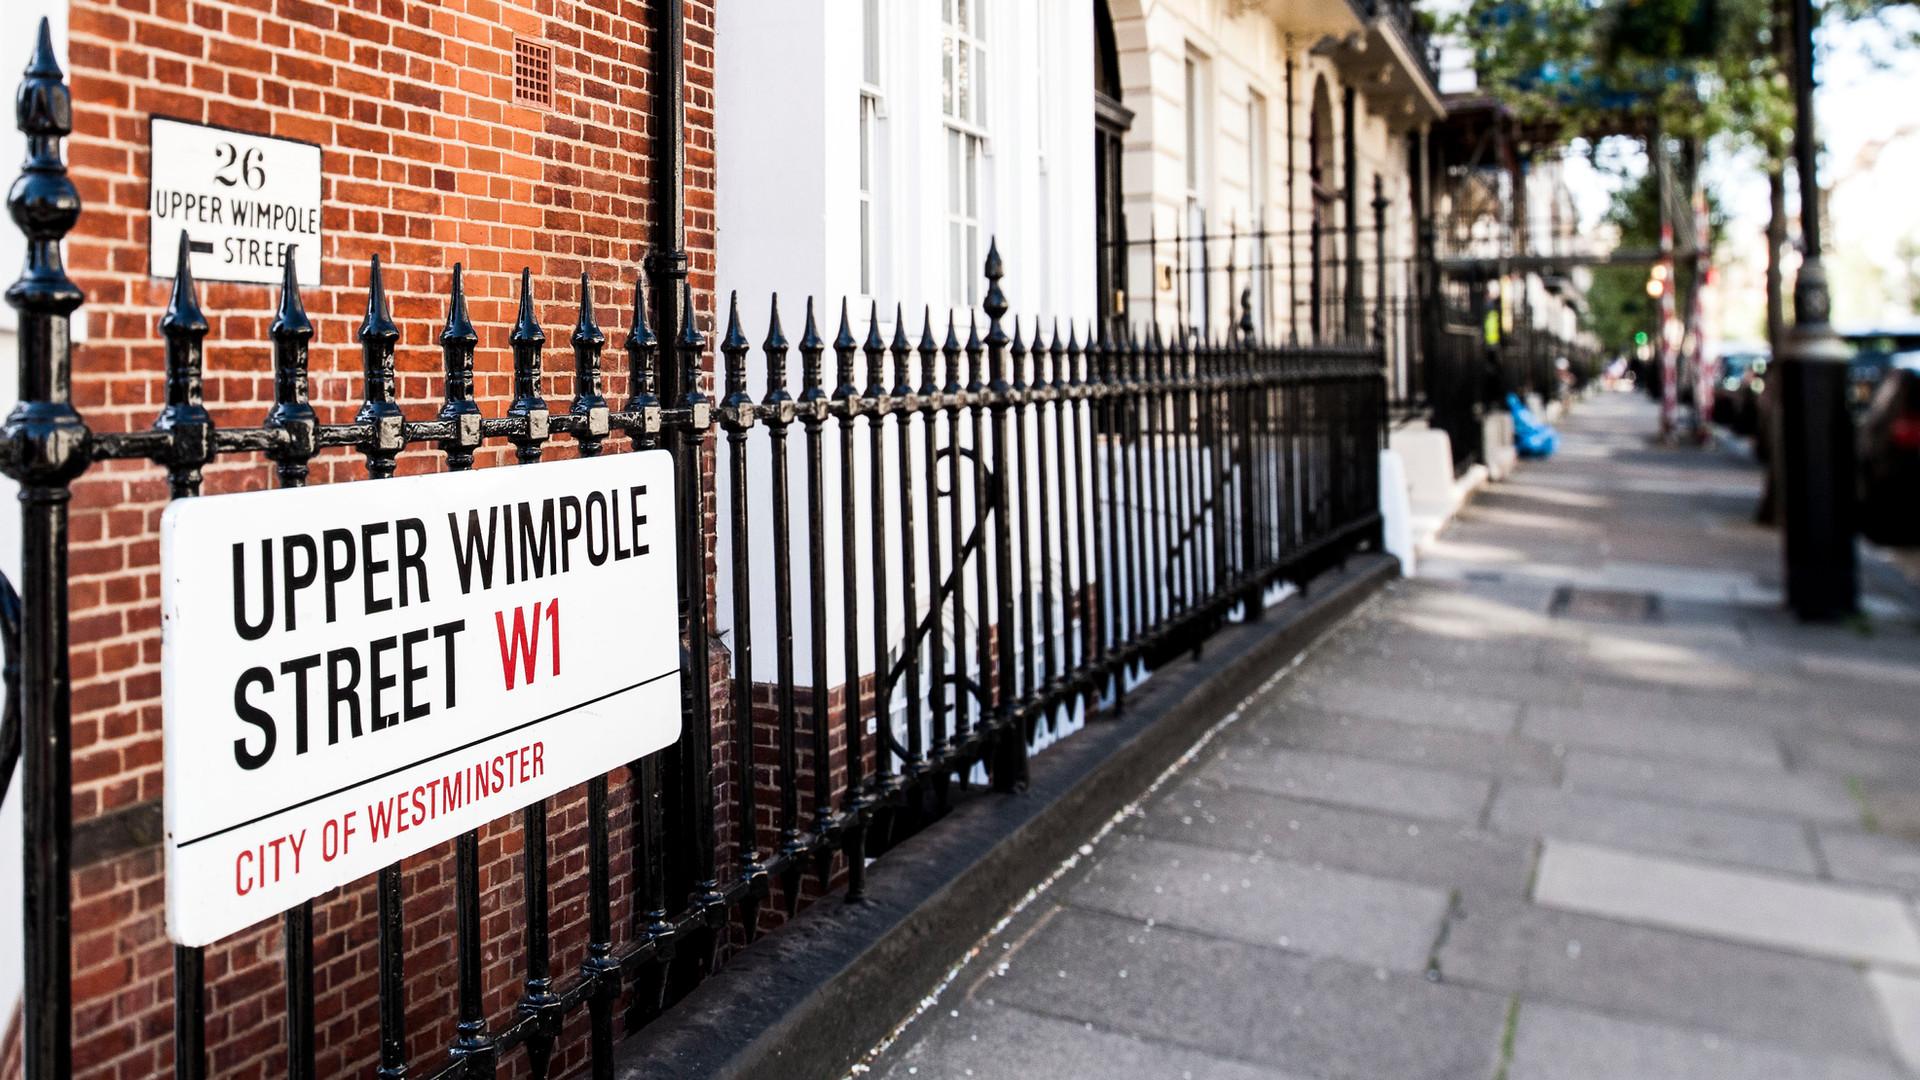 Upper Wimpole Street